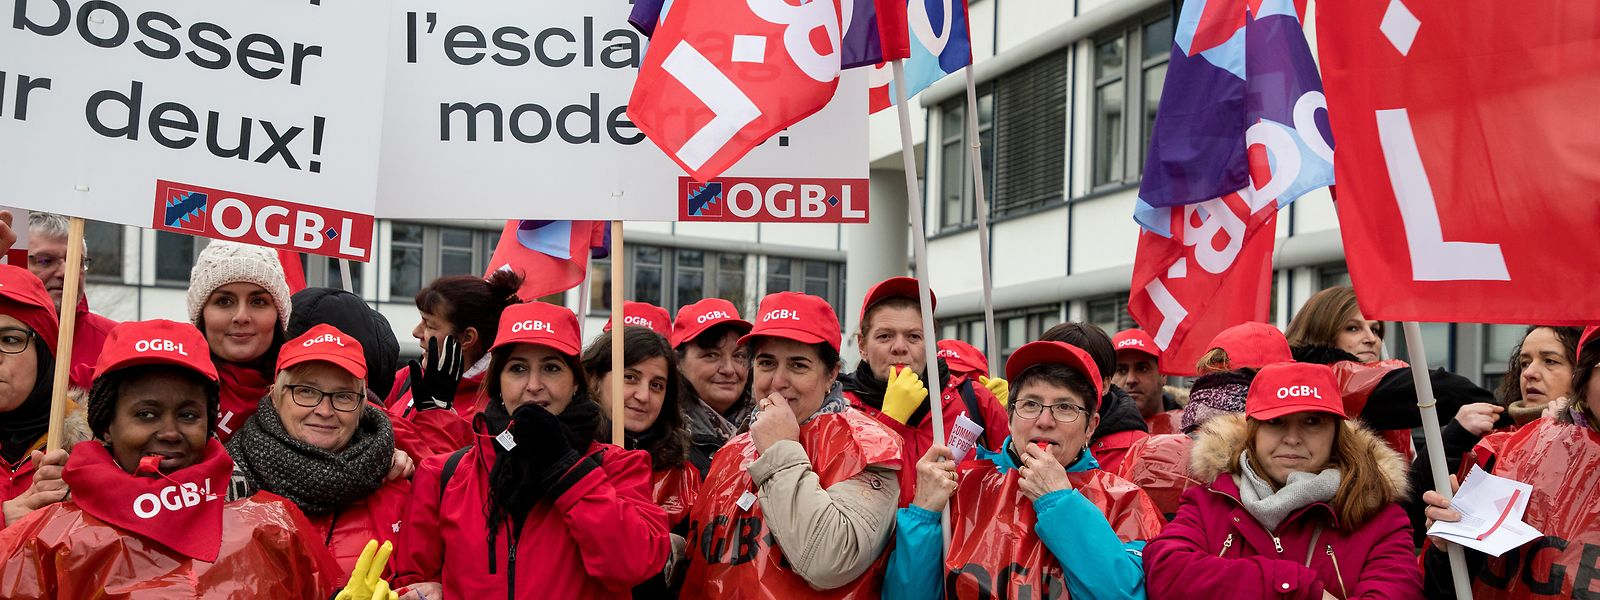 Les agents de nettoyage de la Commission européenne ont manifesté une deuxième fois contre leurs conditions de travail.